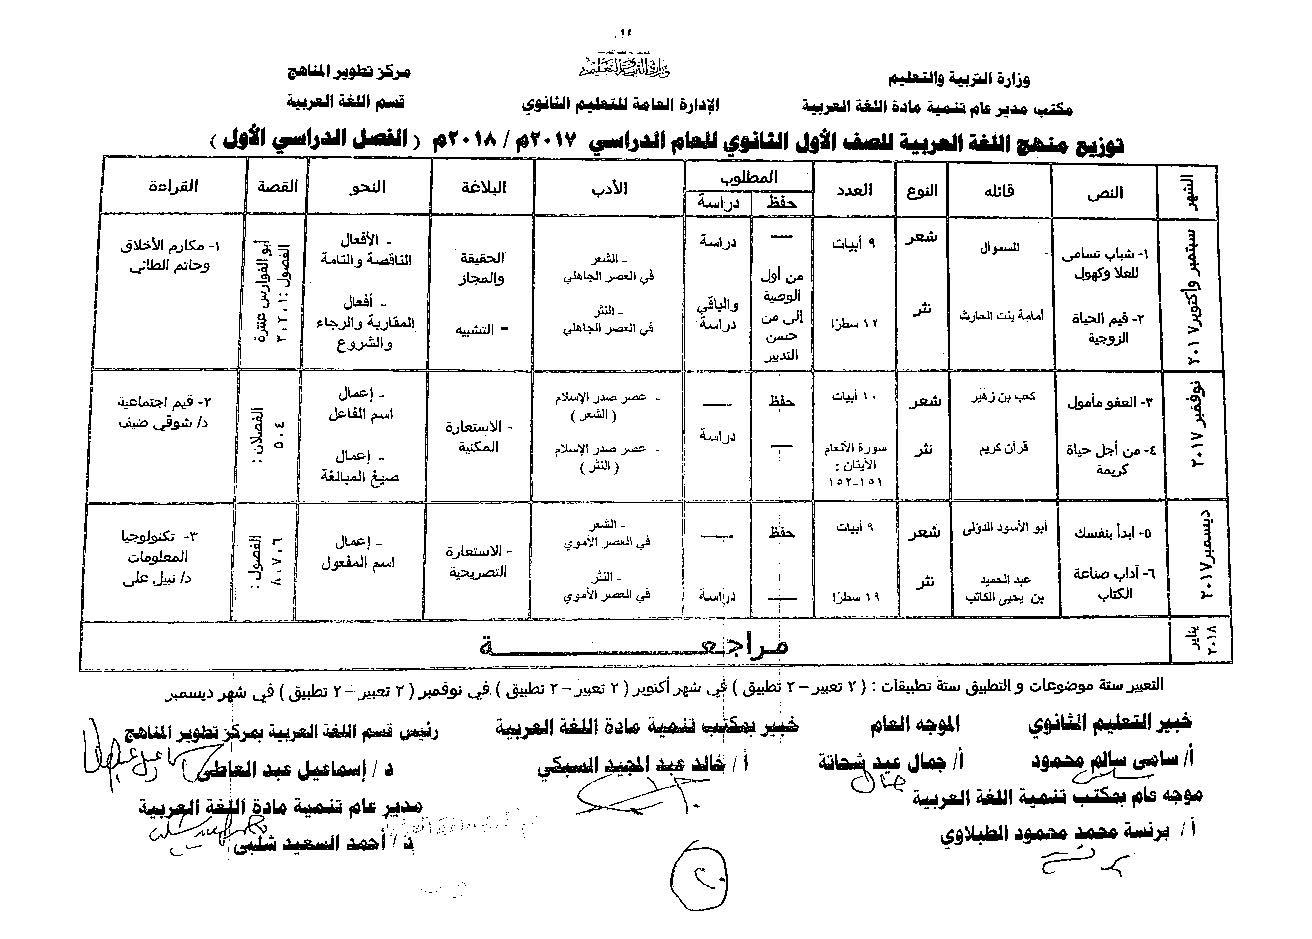 توزيع منهج اللغة العربية للصف الأول الثانوي 2021